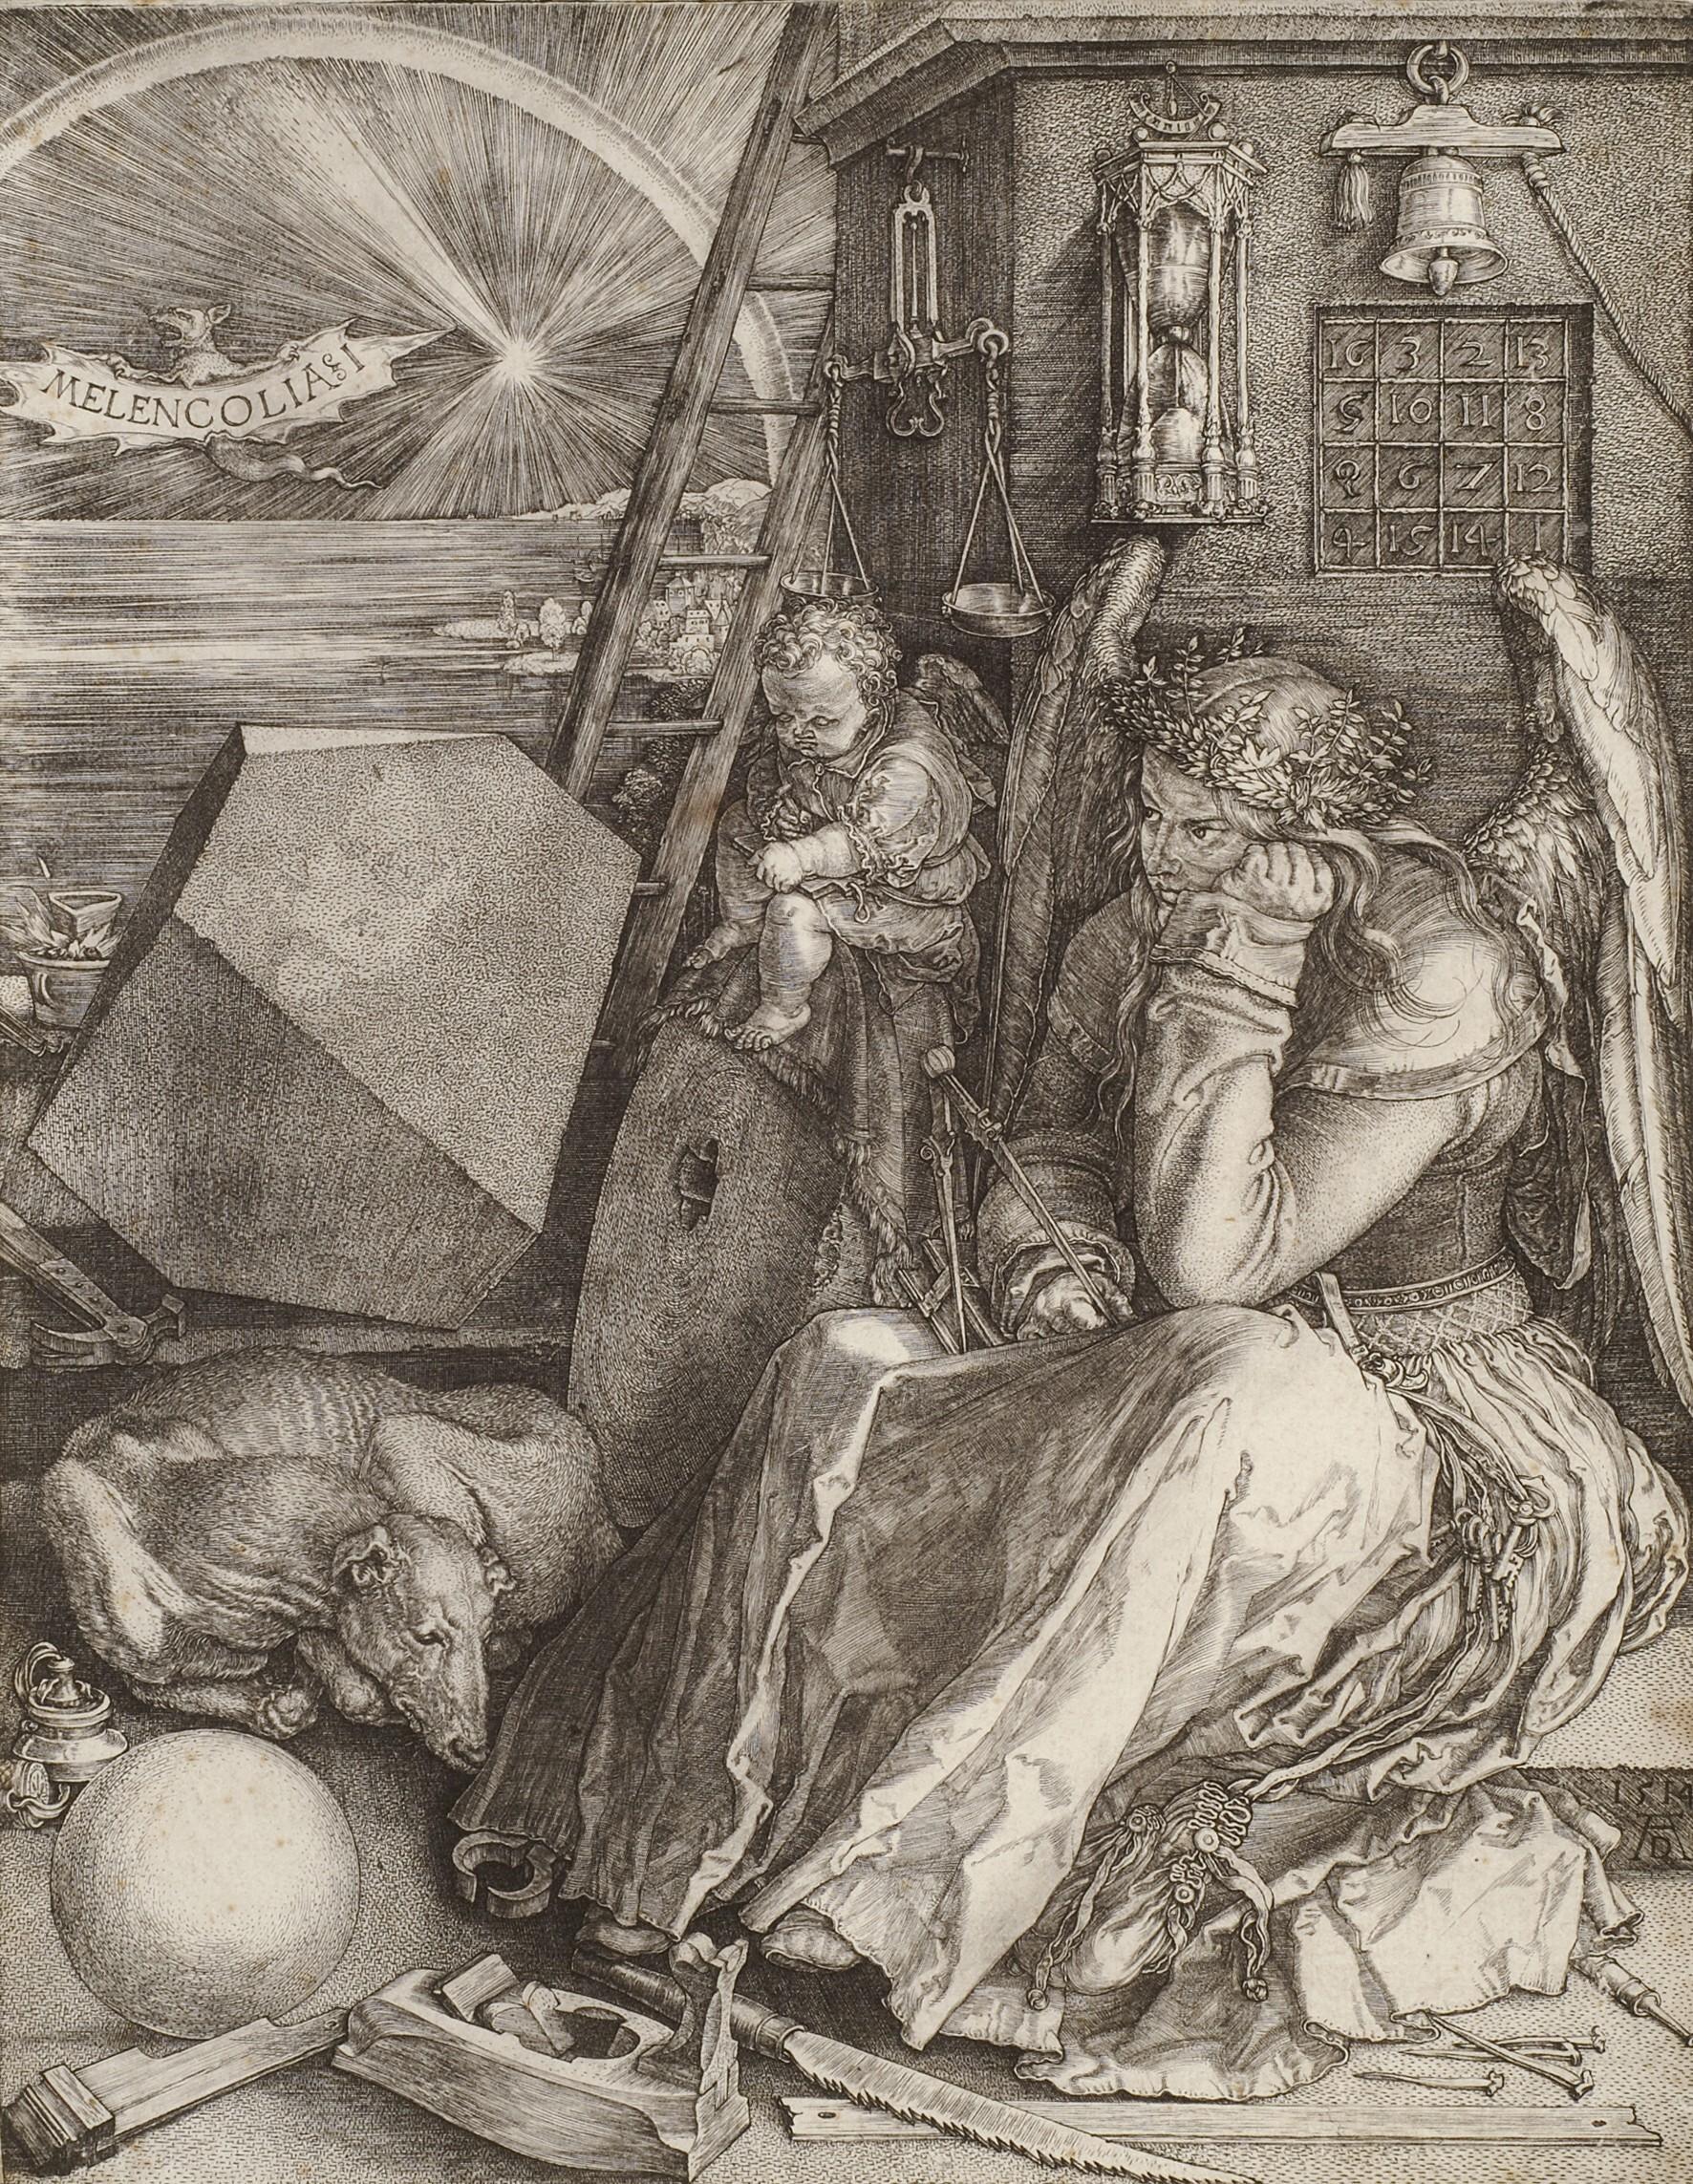 Albrecht Dürer (1471–1528): Melancolia I (Die Melancholie), 1514, Kupferstich, 24,4 x 19,2 cm. Sammlung Hegewisch in der Hamburger Kunsthalle. © Hamburger Kunsthalle/bpk. Foto: Christoph Irrgang